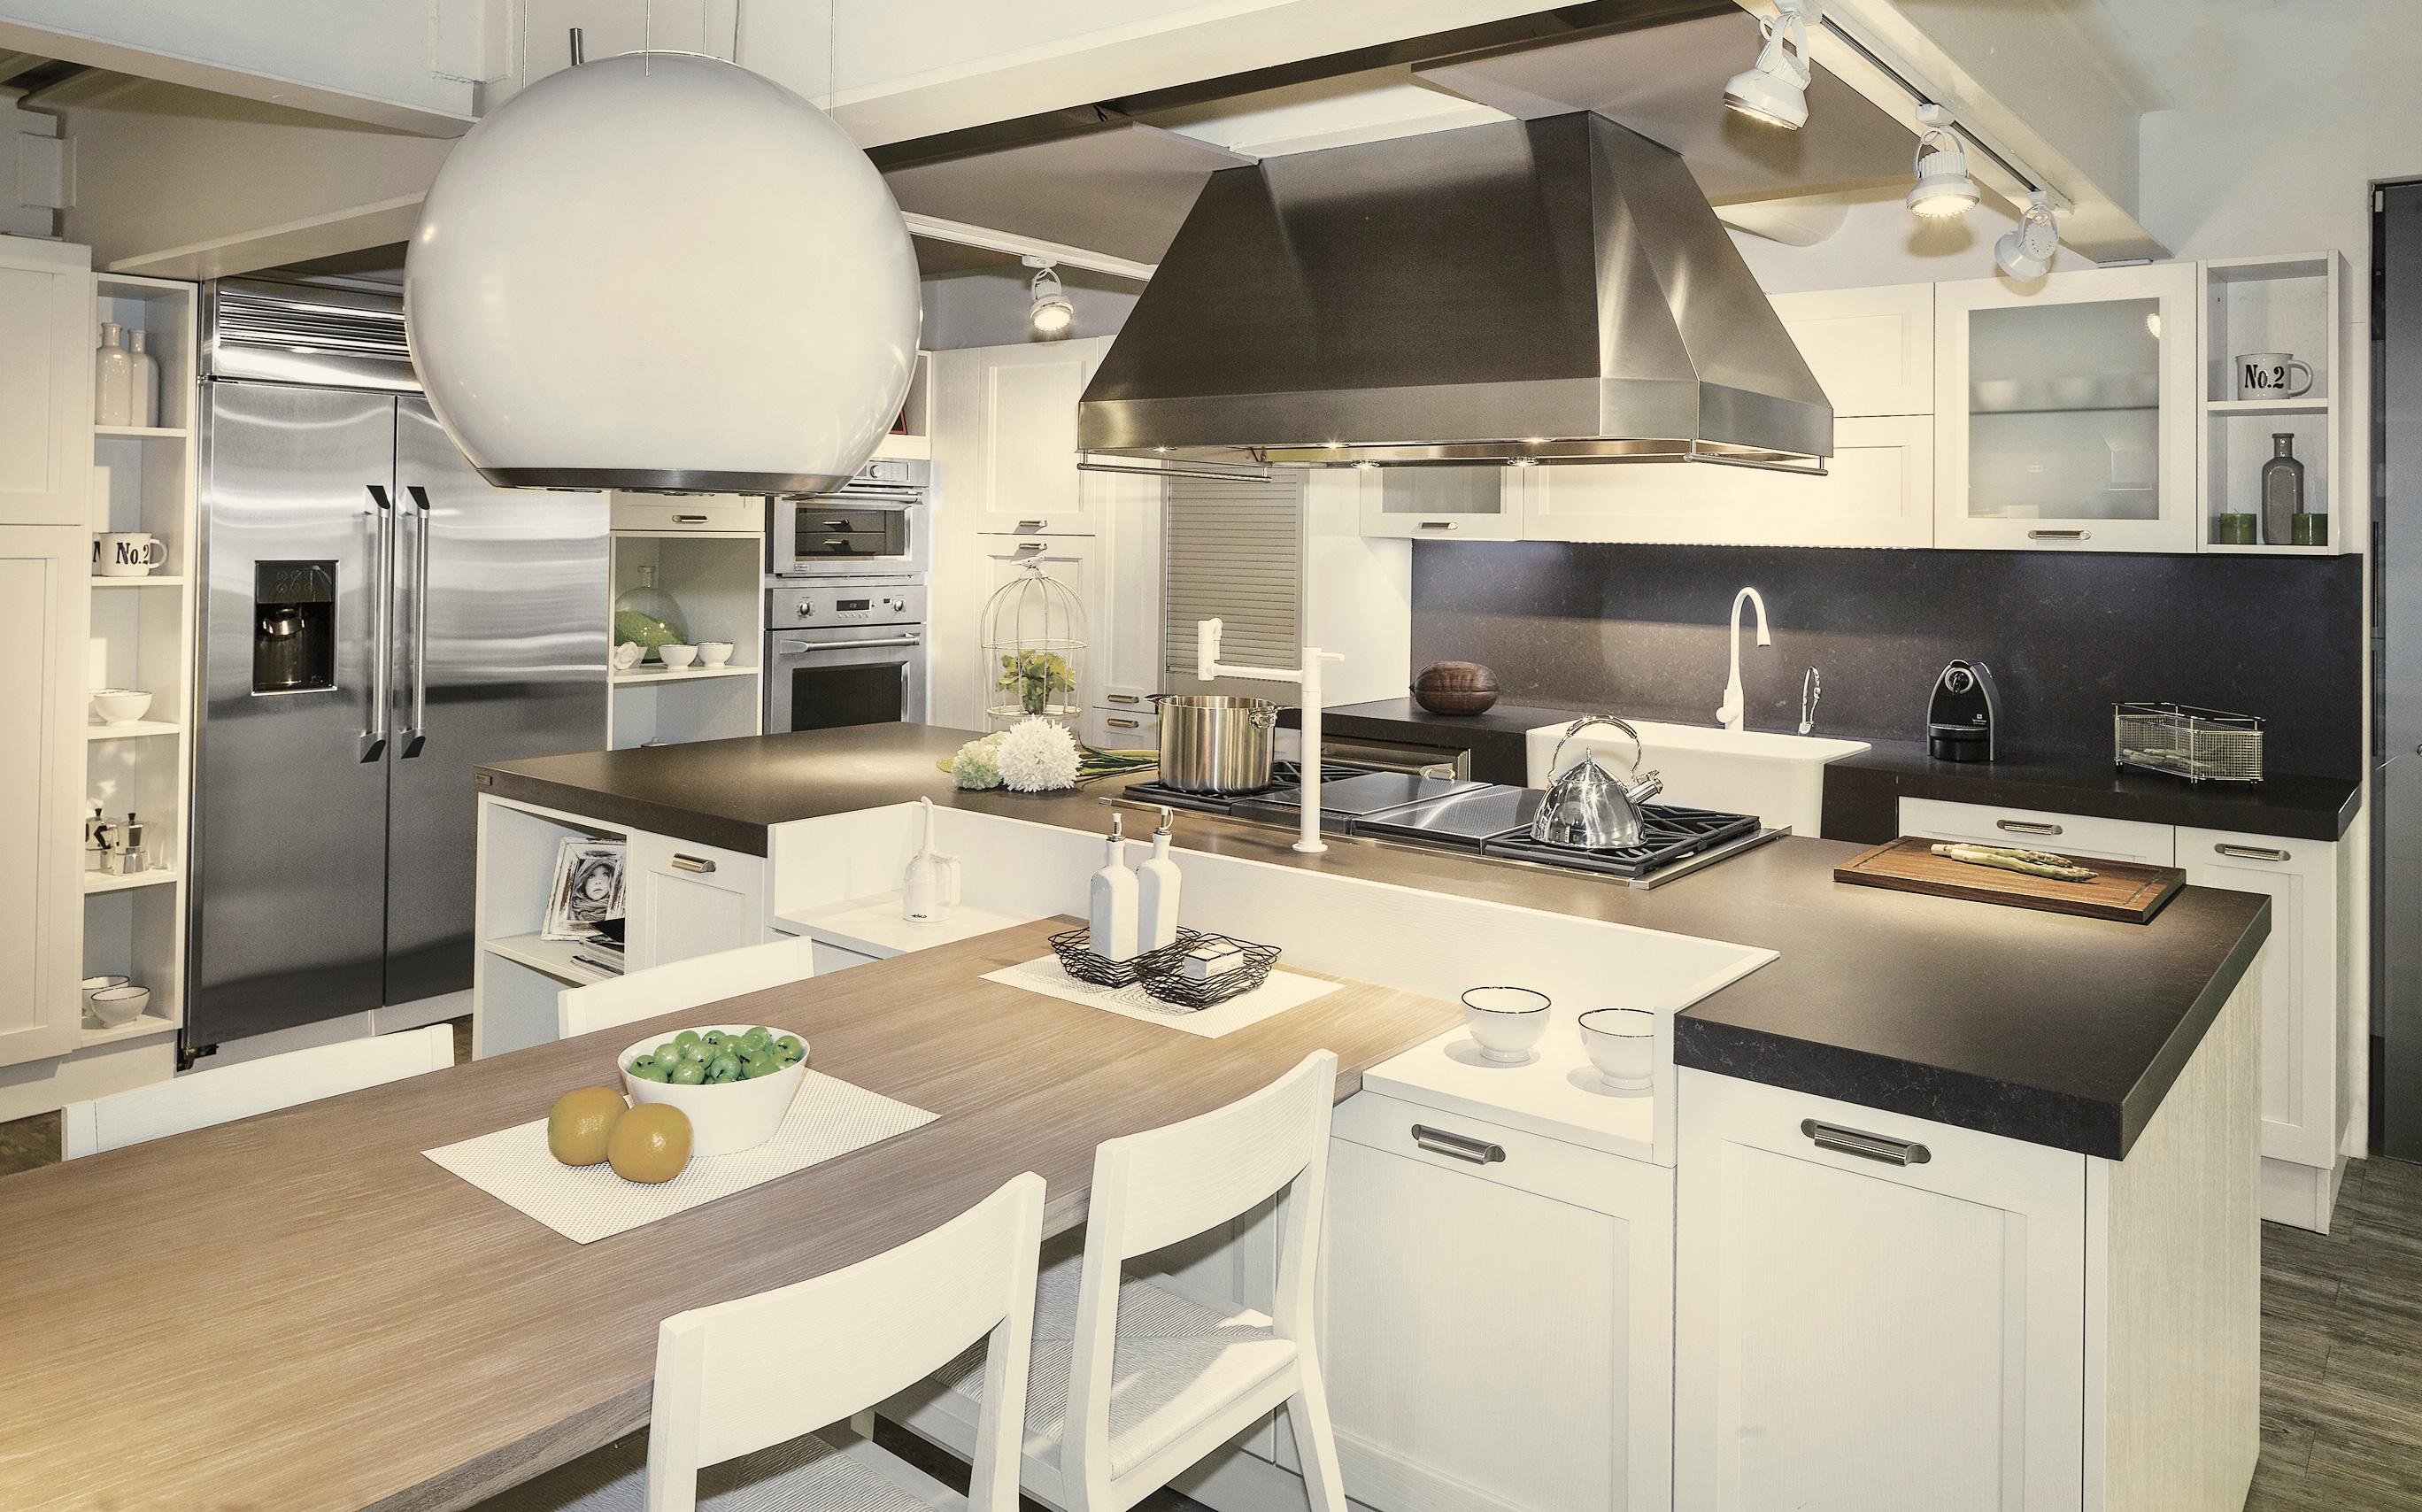 Cocinas mas dise os y laminados for Lavarropas en la cocina